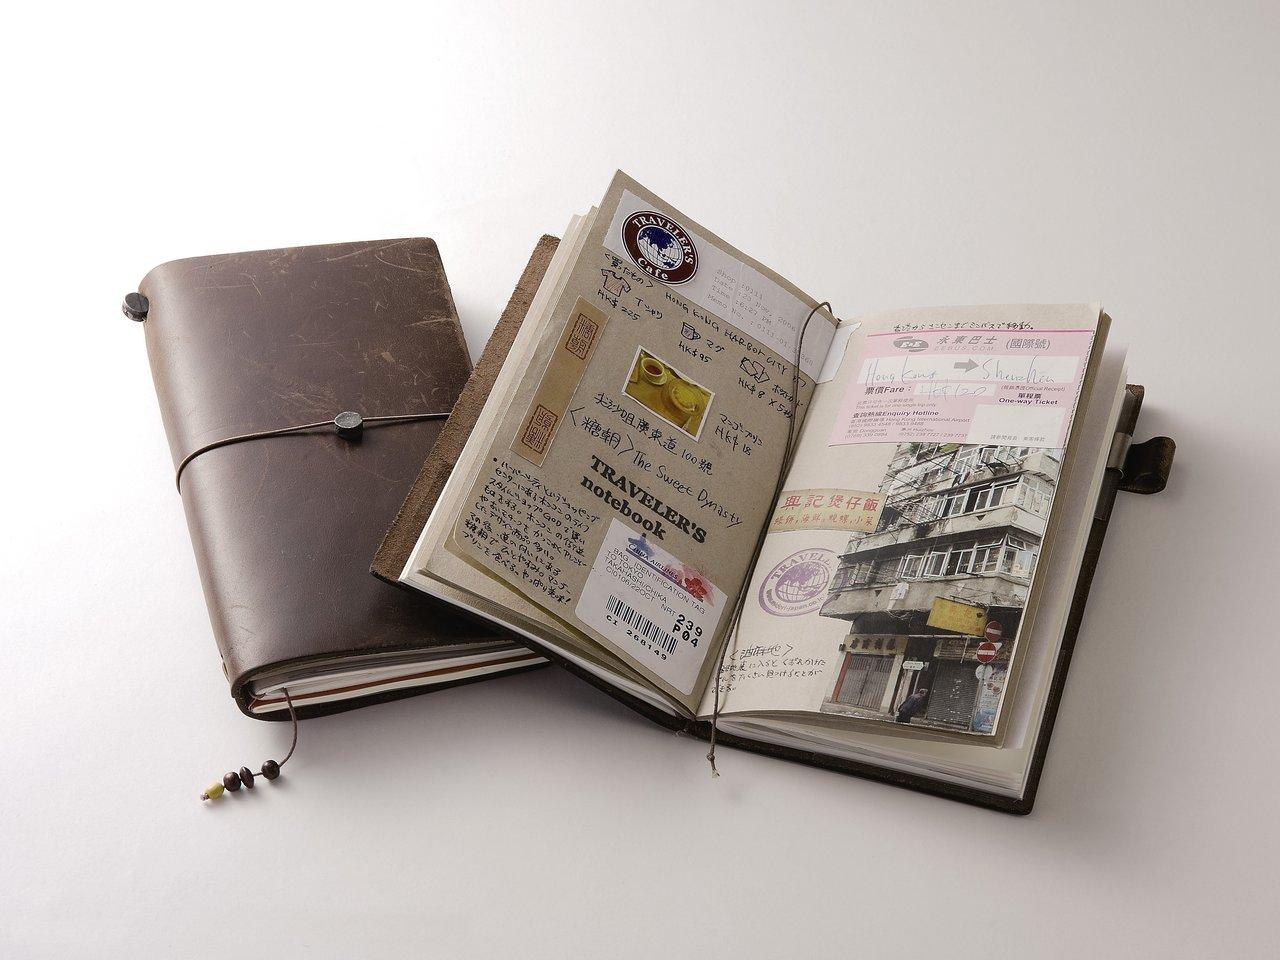 思い出はアナログで。旅人のための「トラベラーズノート」